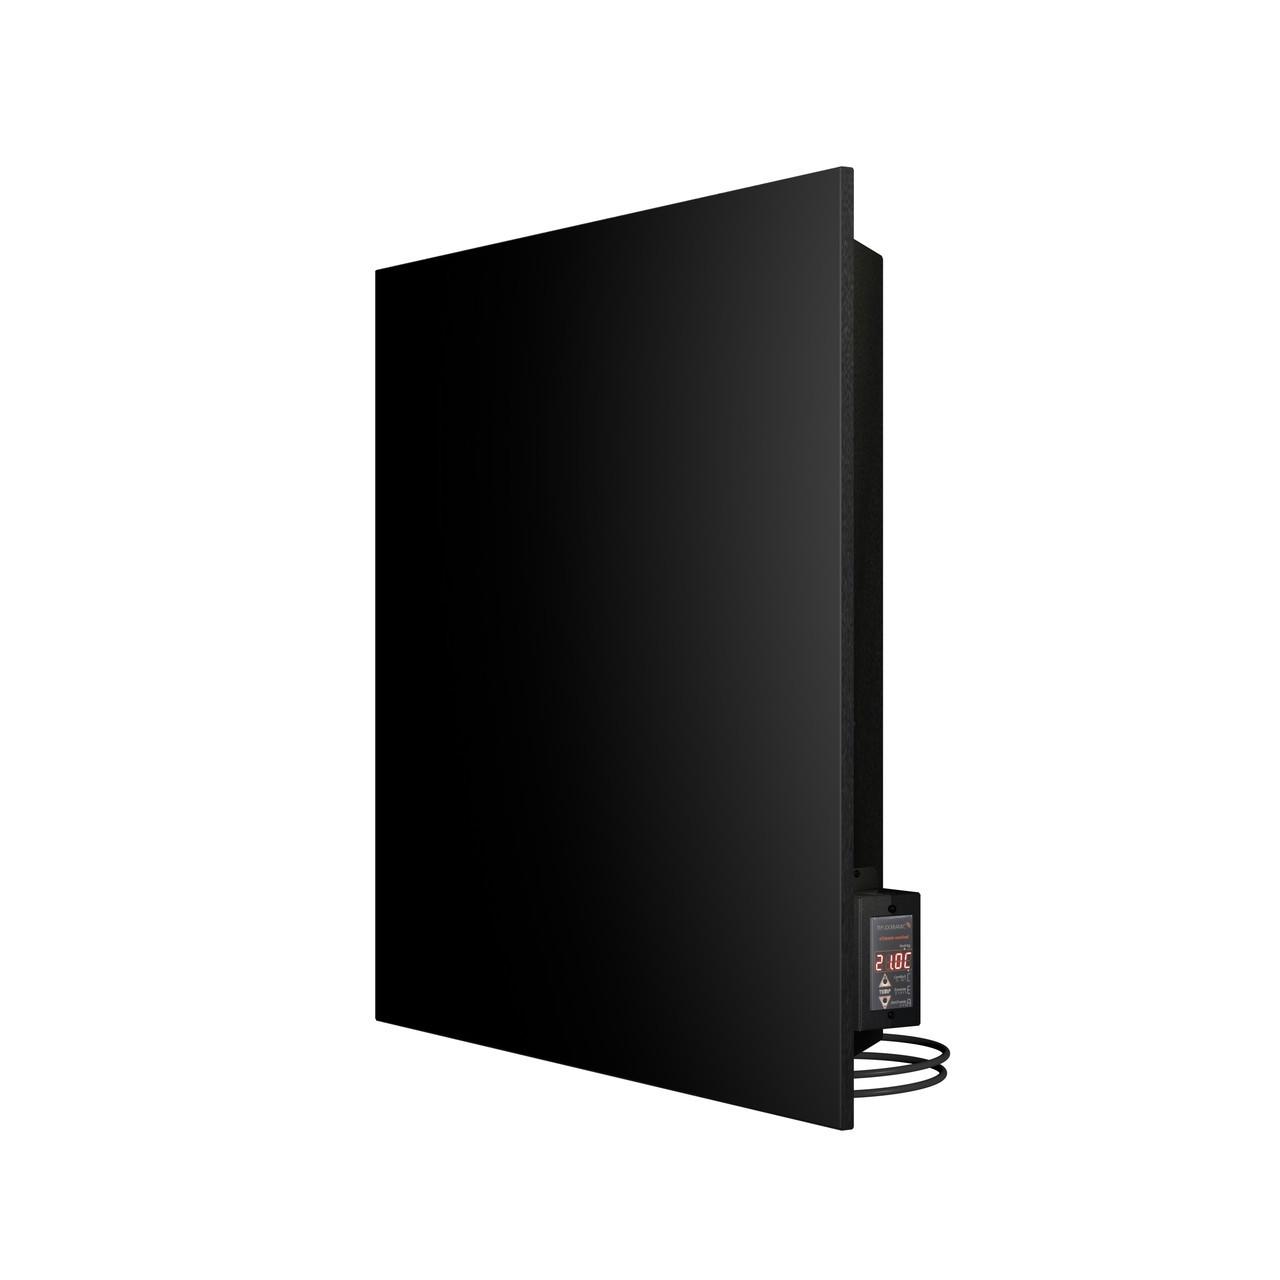 Керамический инфракрасный конвекционный обогреватель TC500C 500Вт (Чёрный)